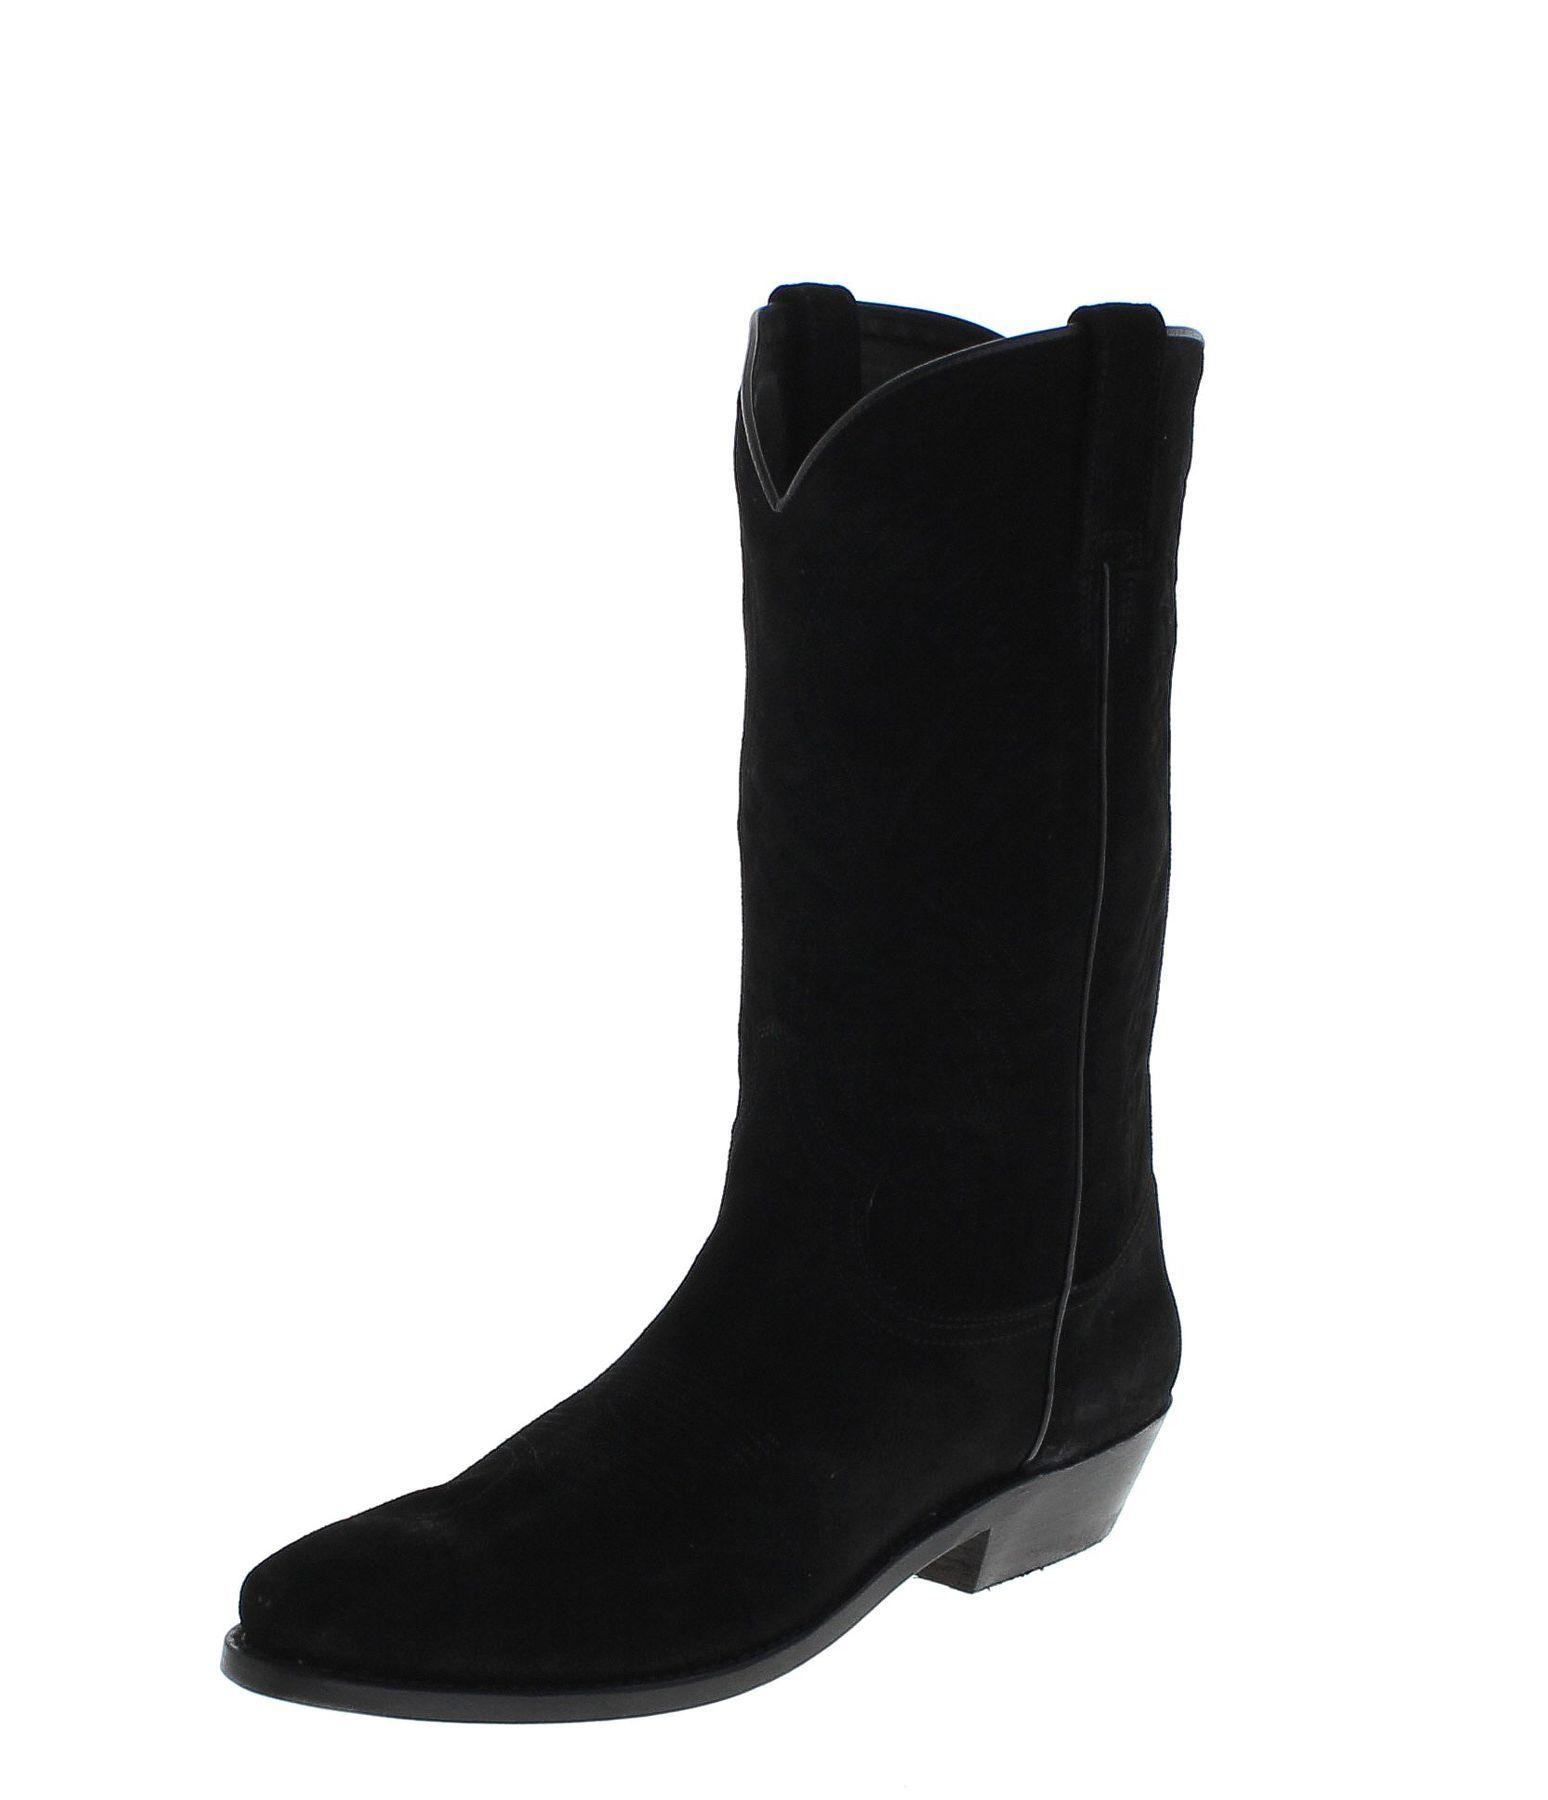 FB Fashion Boots 033 Black Cowboystiefel - schwarz | Mode ...